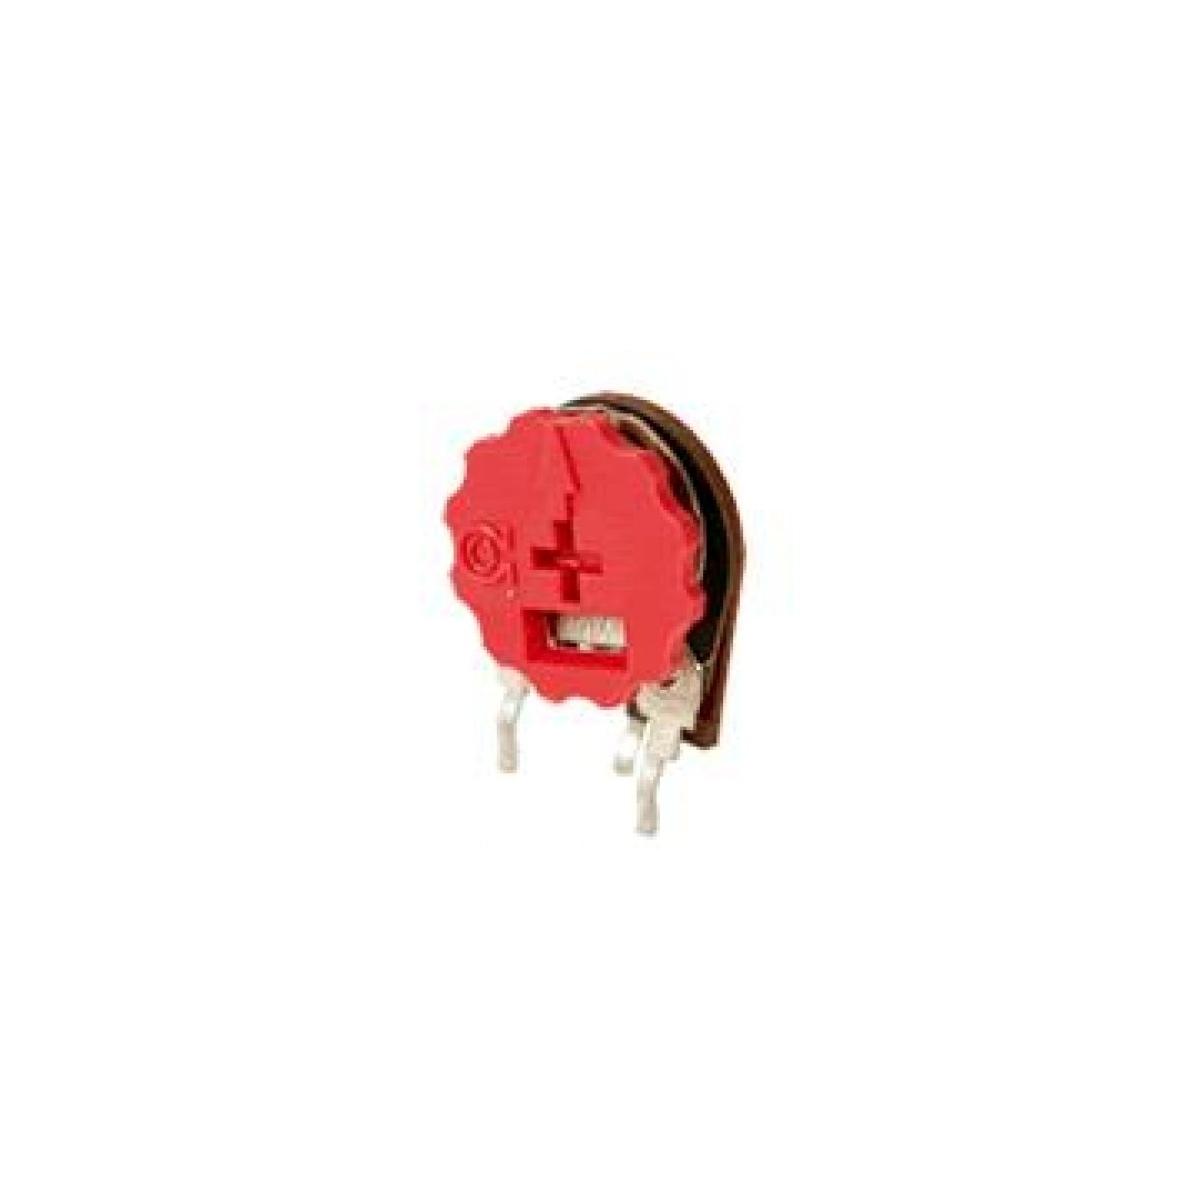 TRIMPOT VERTICAL 14MM COM BOTAO VM-    2,2 K